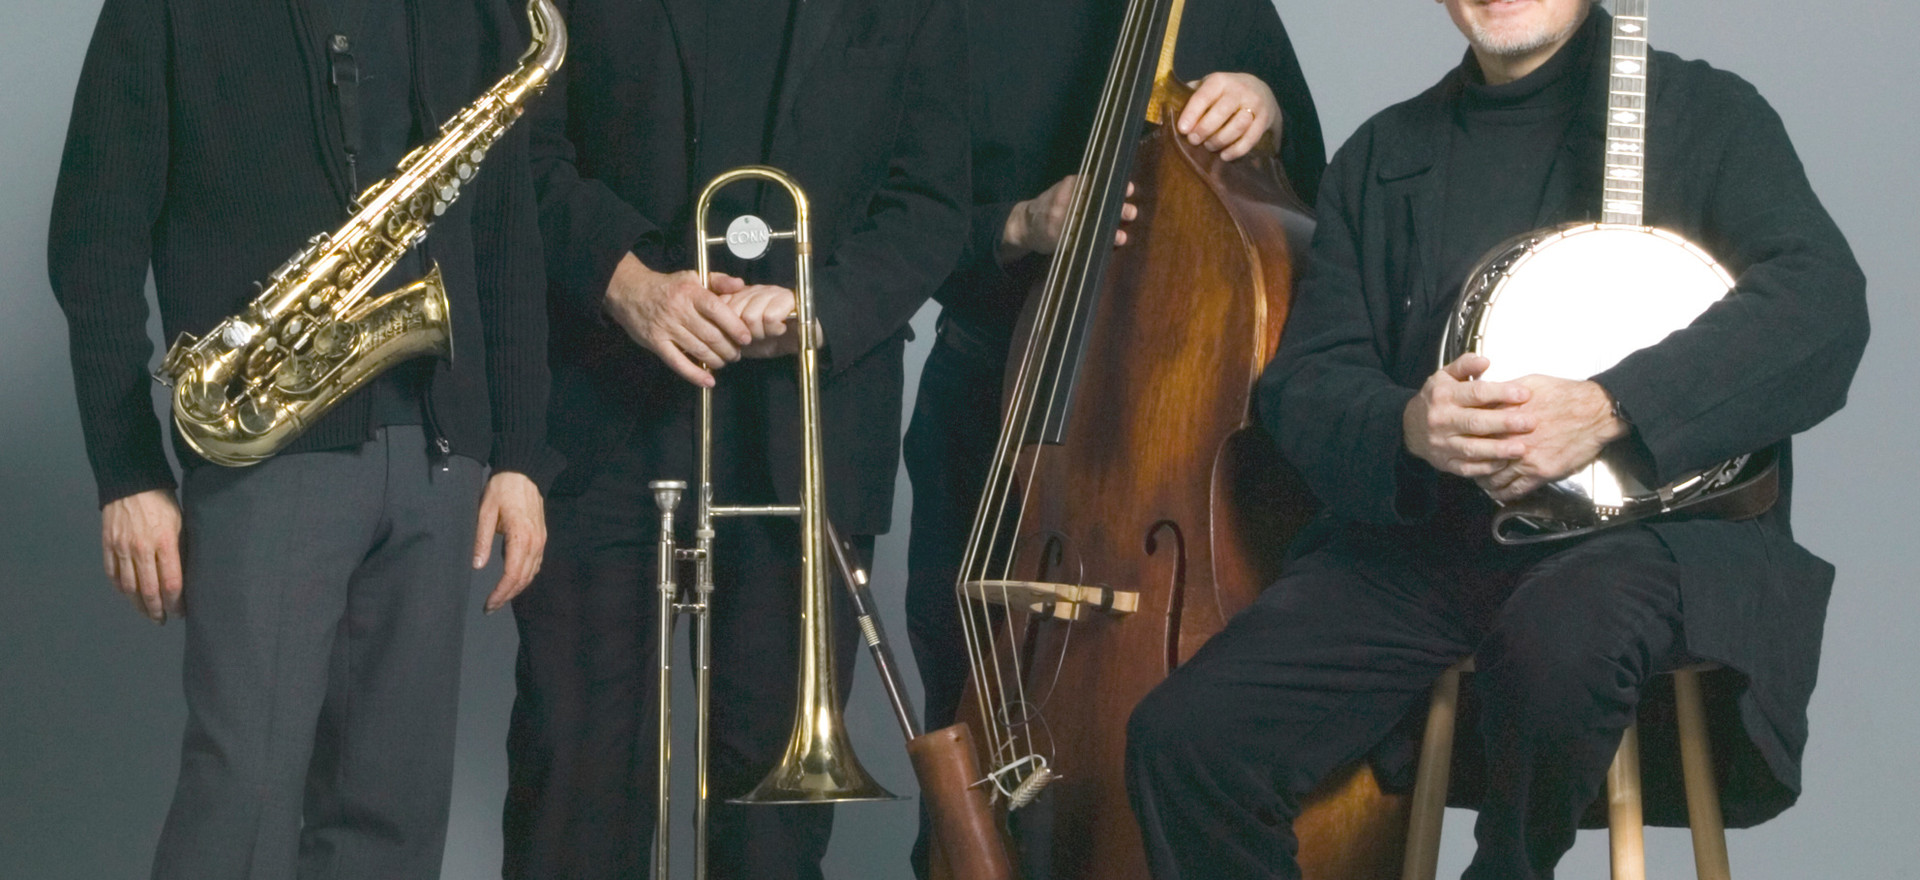 The Classic Jazz Quartet from Sweden. Photo: Ateljè Uggla, Stockholm, Sweden.